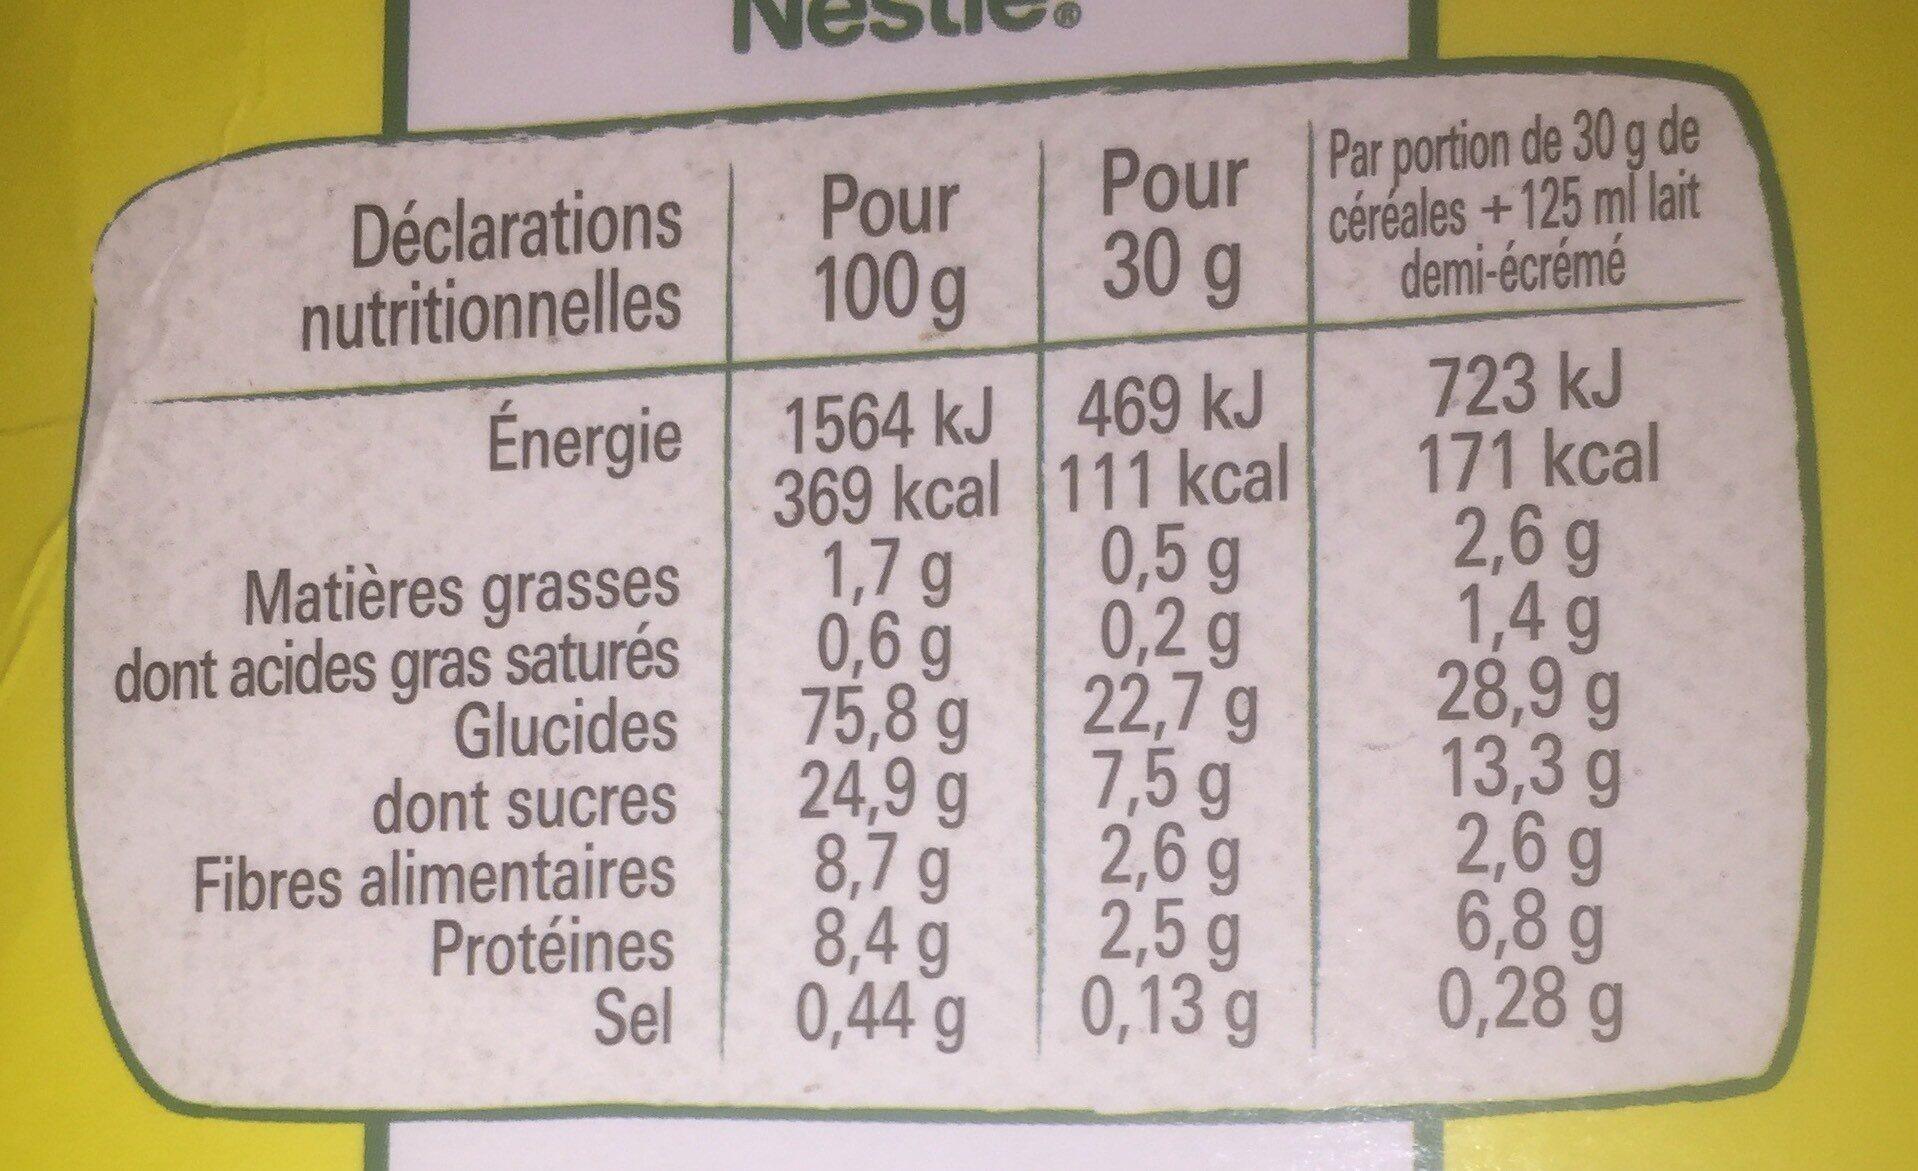 NESTLE NESQUIK Céréales Petit Déjeuner 950g PRIX CHOC - Nutrition facts - fr